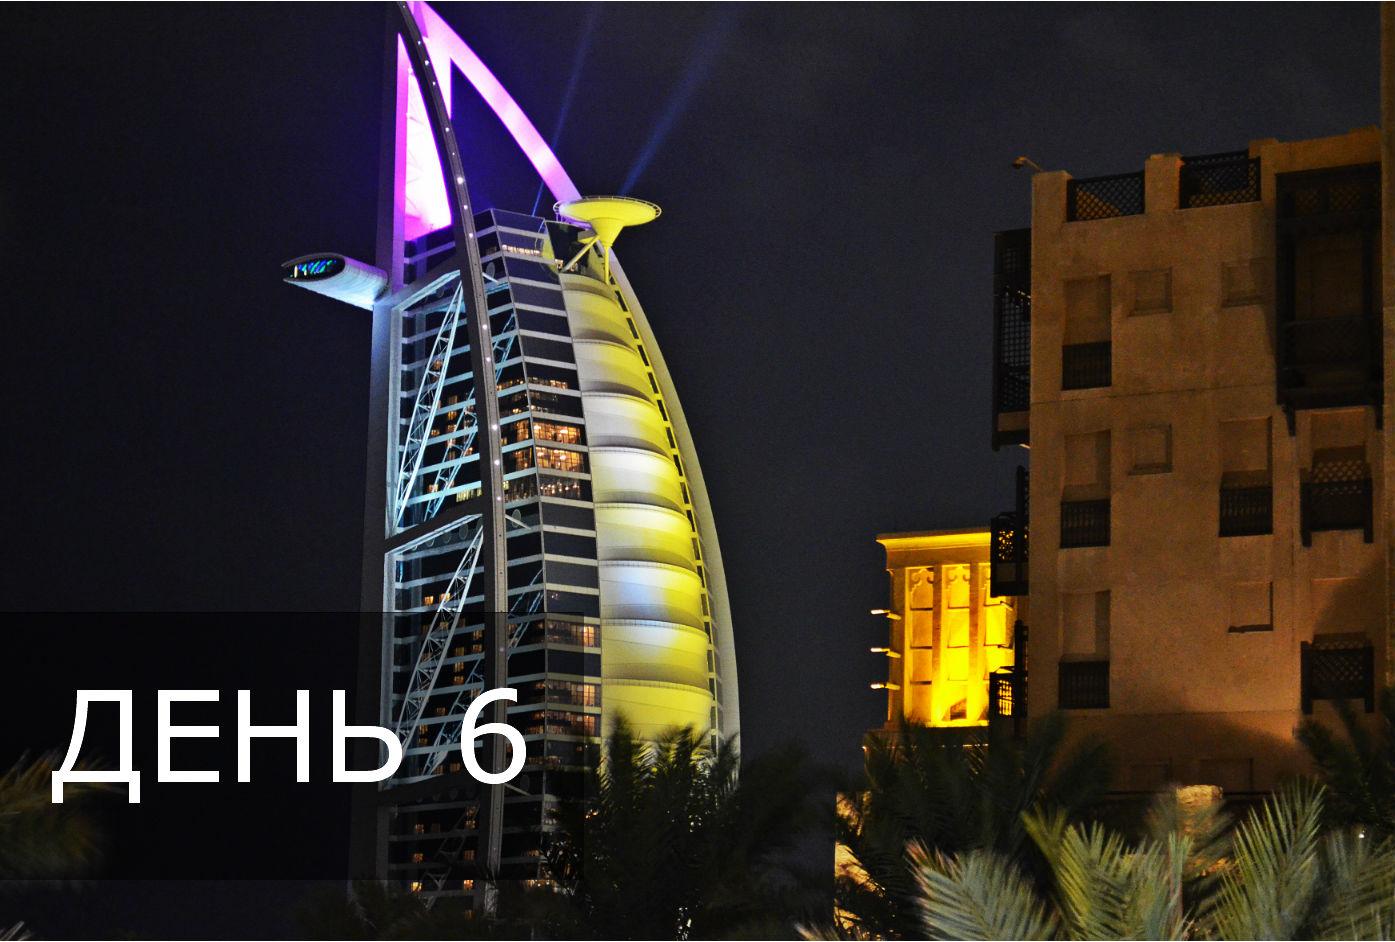 Дубаи, Marina, Barasti beach bar, Madinat Jumeirah, Burj Al Arab